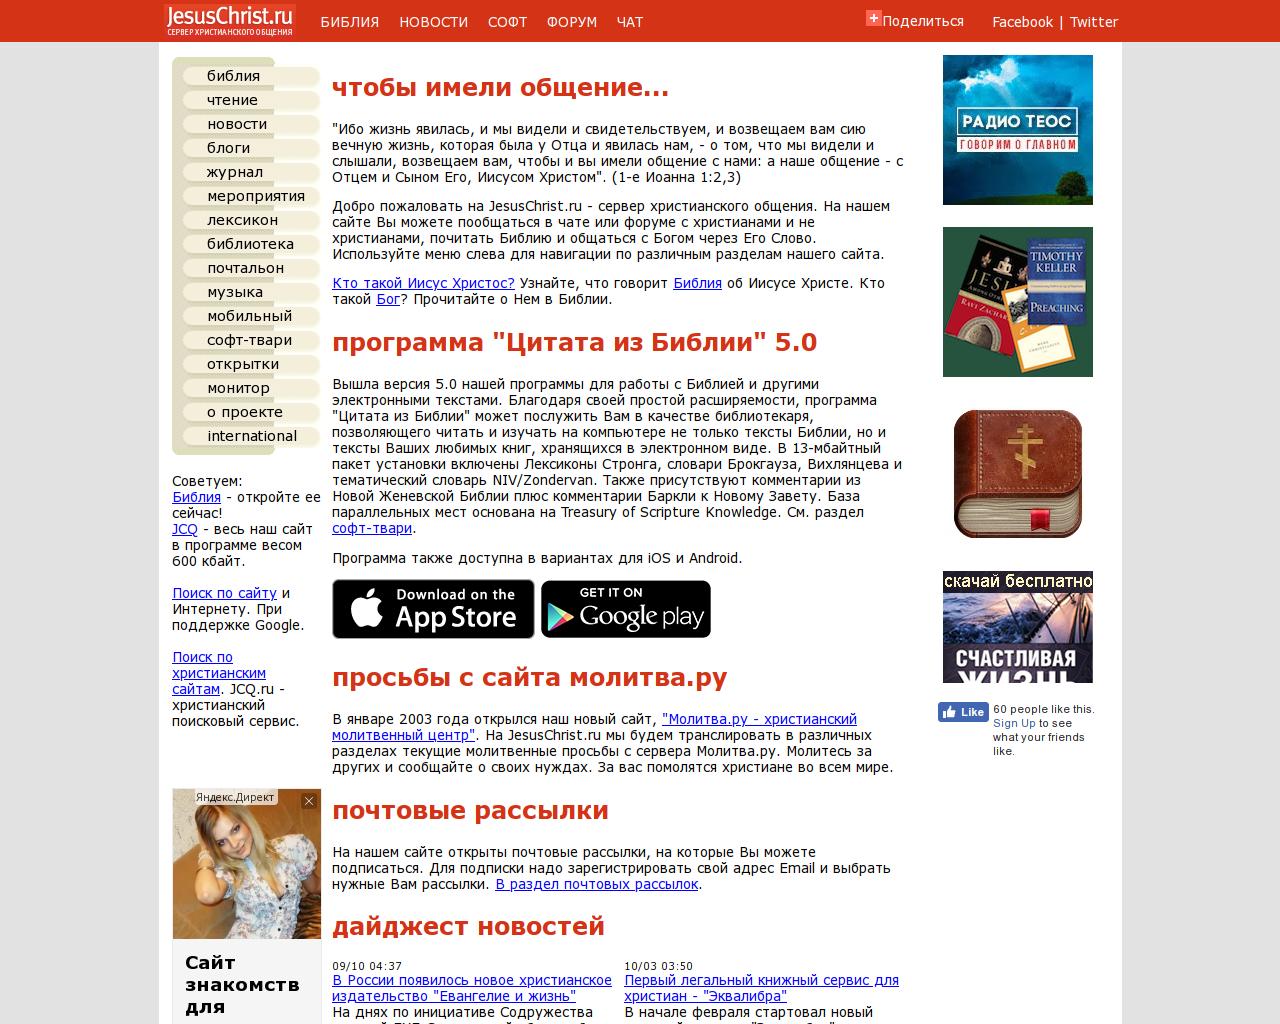 сайт христианских знакомств мобильная версия